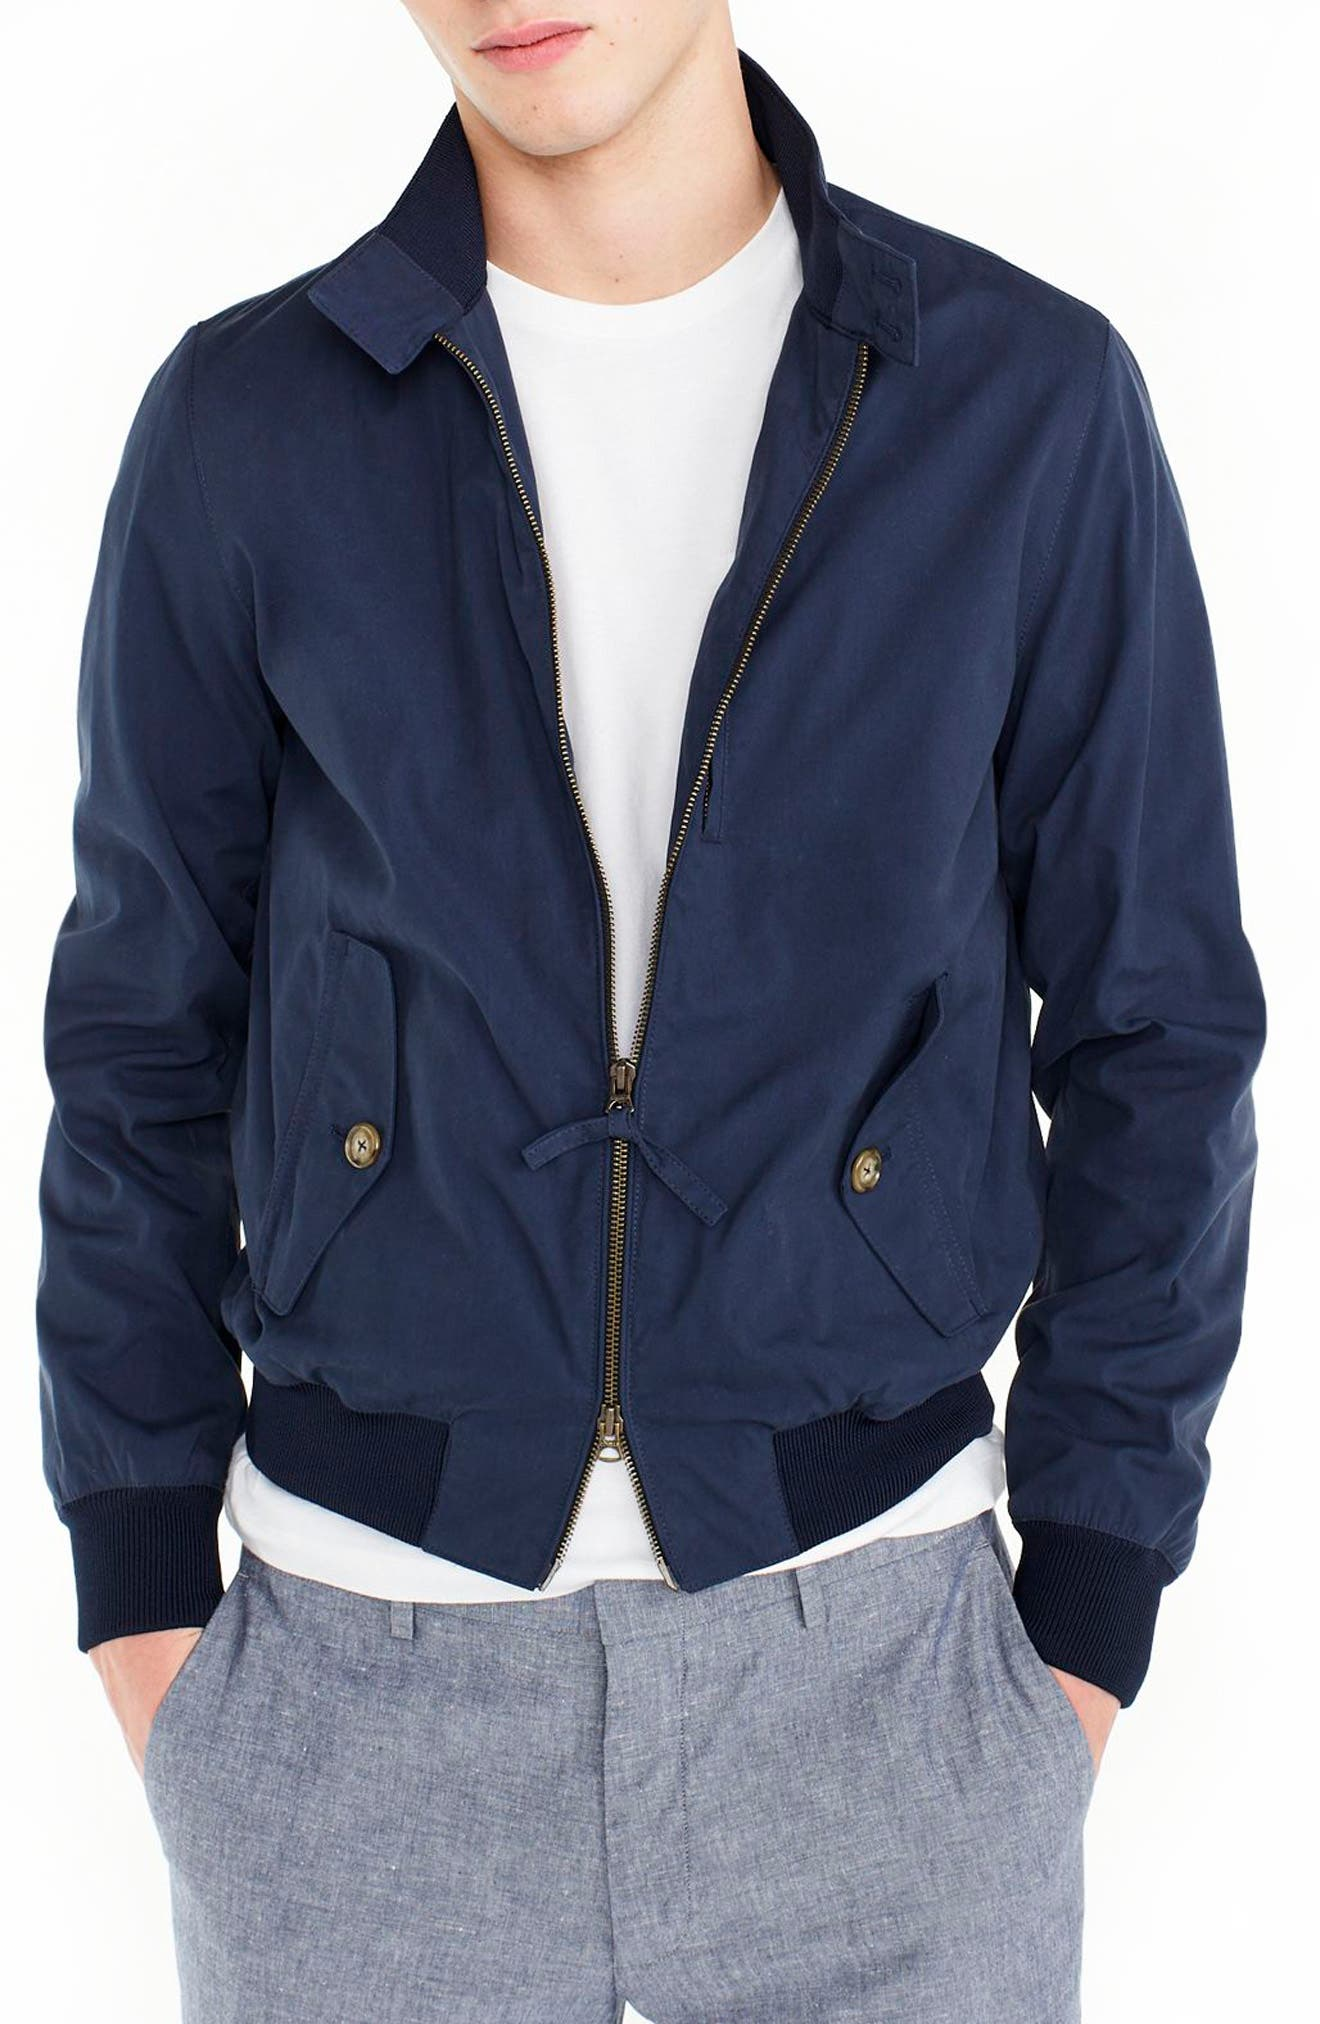 Main Image - J.Crew Slim Fit Harrington Jacket